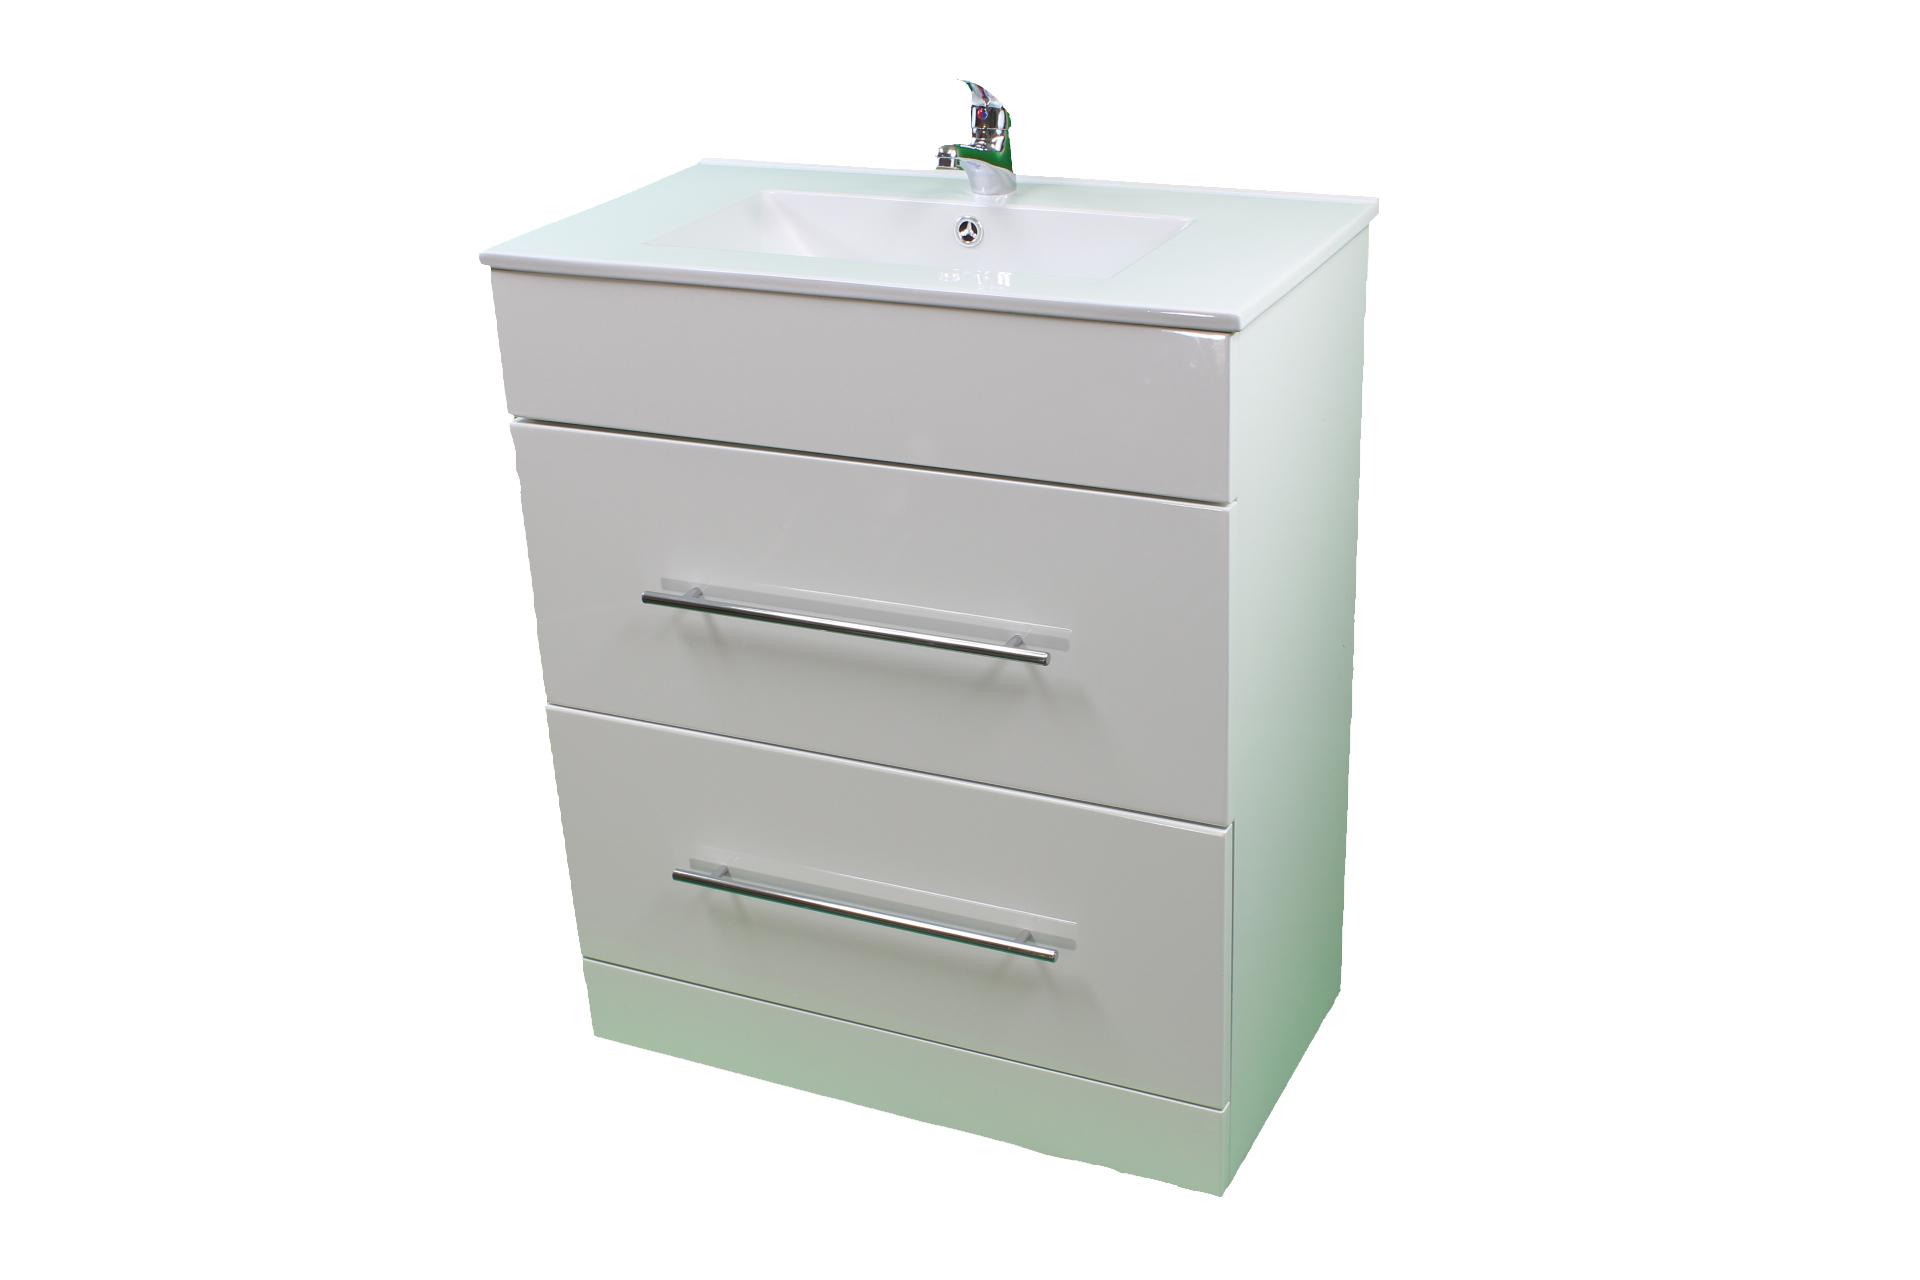 Bathroom Cloakroom 700 White Sink Vanity Unit 2 Drawer ...